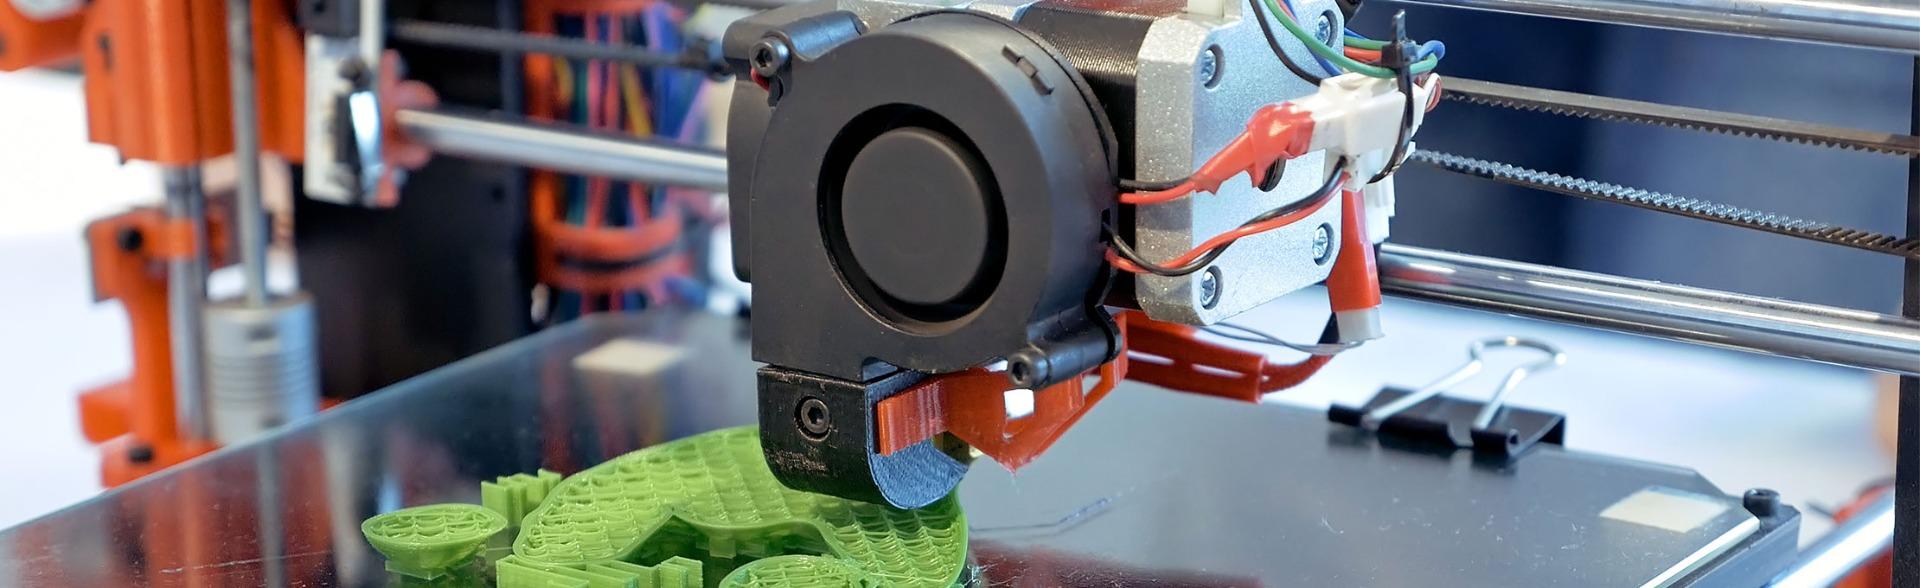 Onduleur pour imprimante 3D : impression en continu assurée